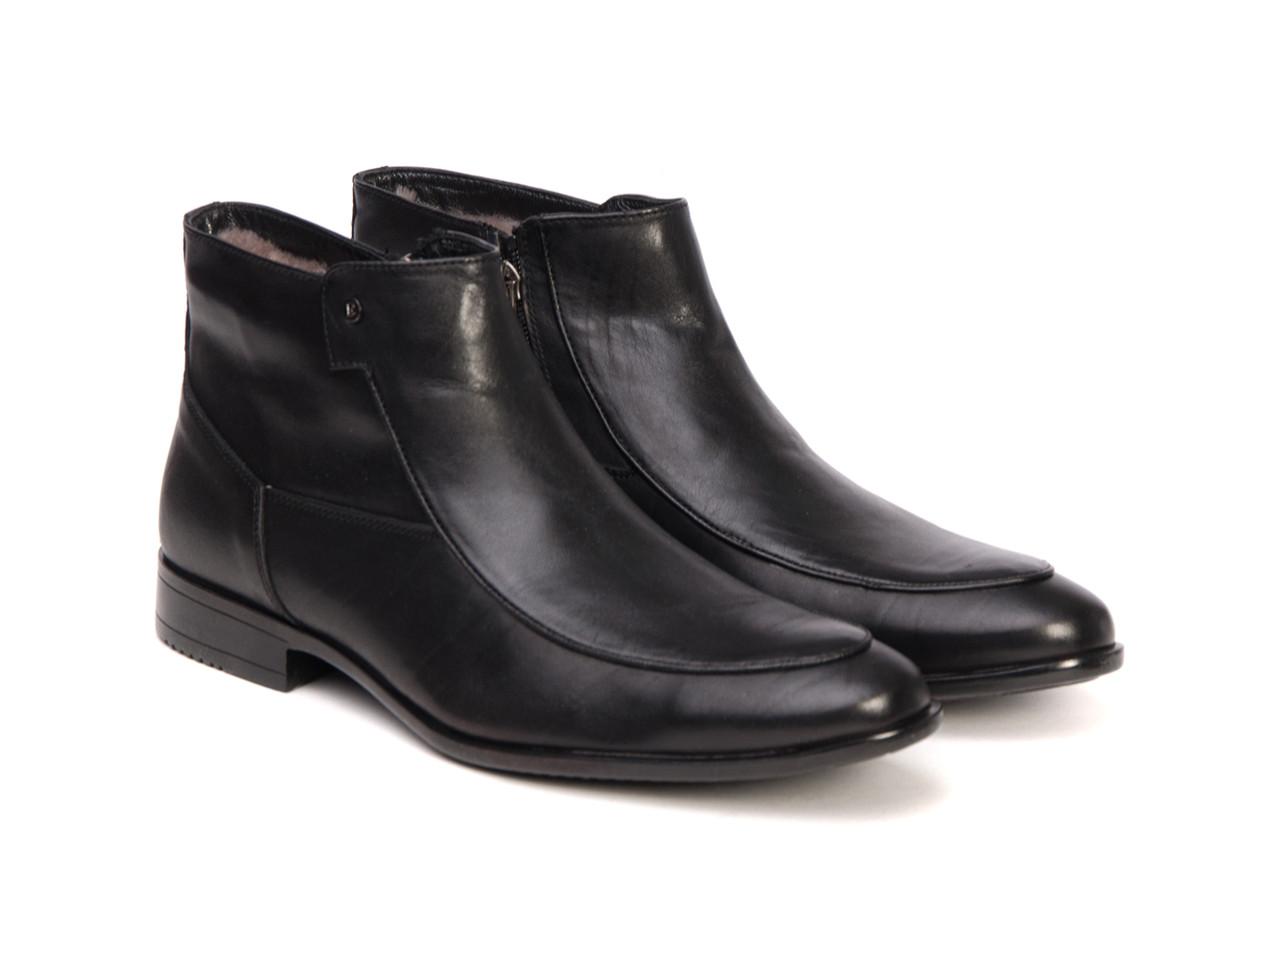 Ботинки Etor 10780-3615 черные